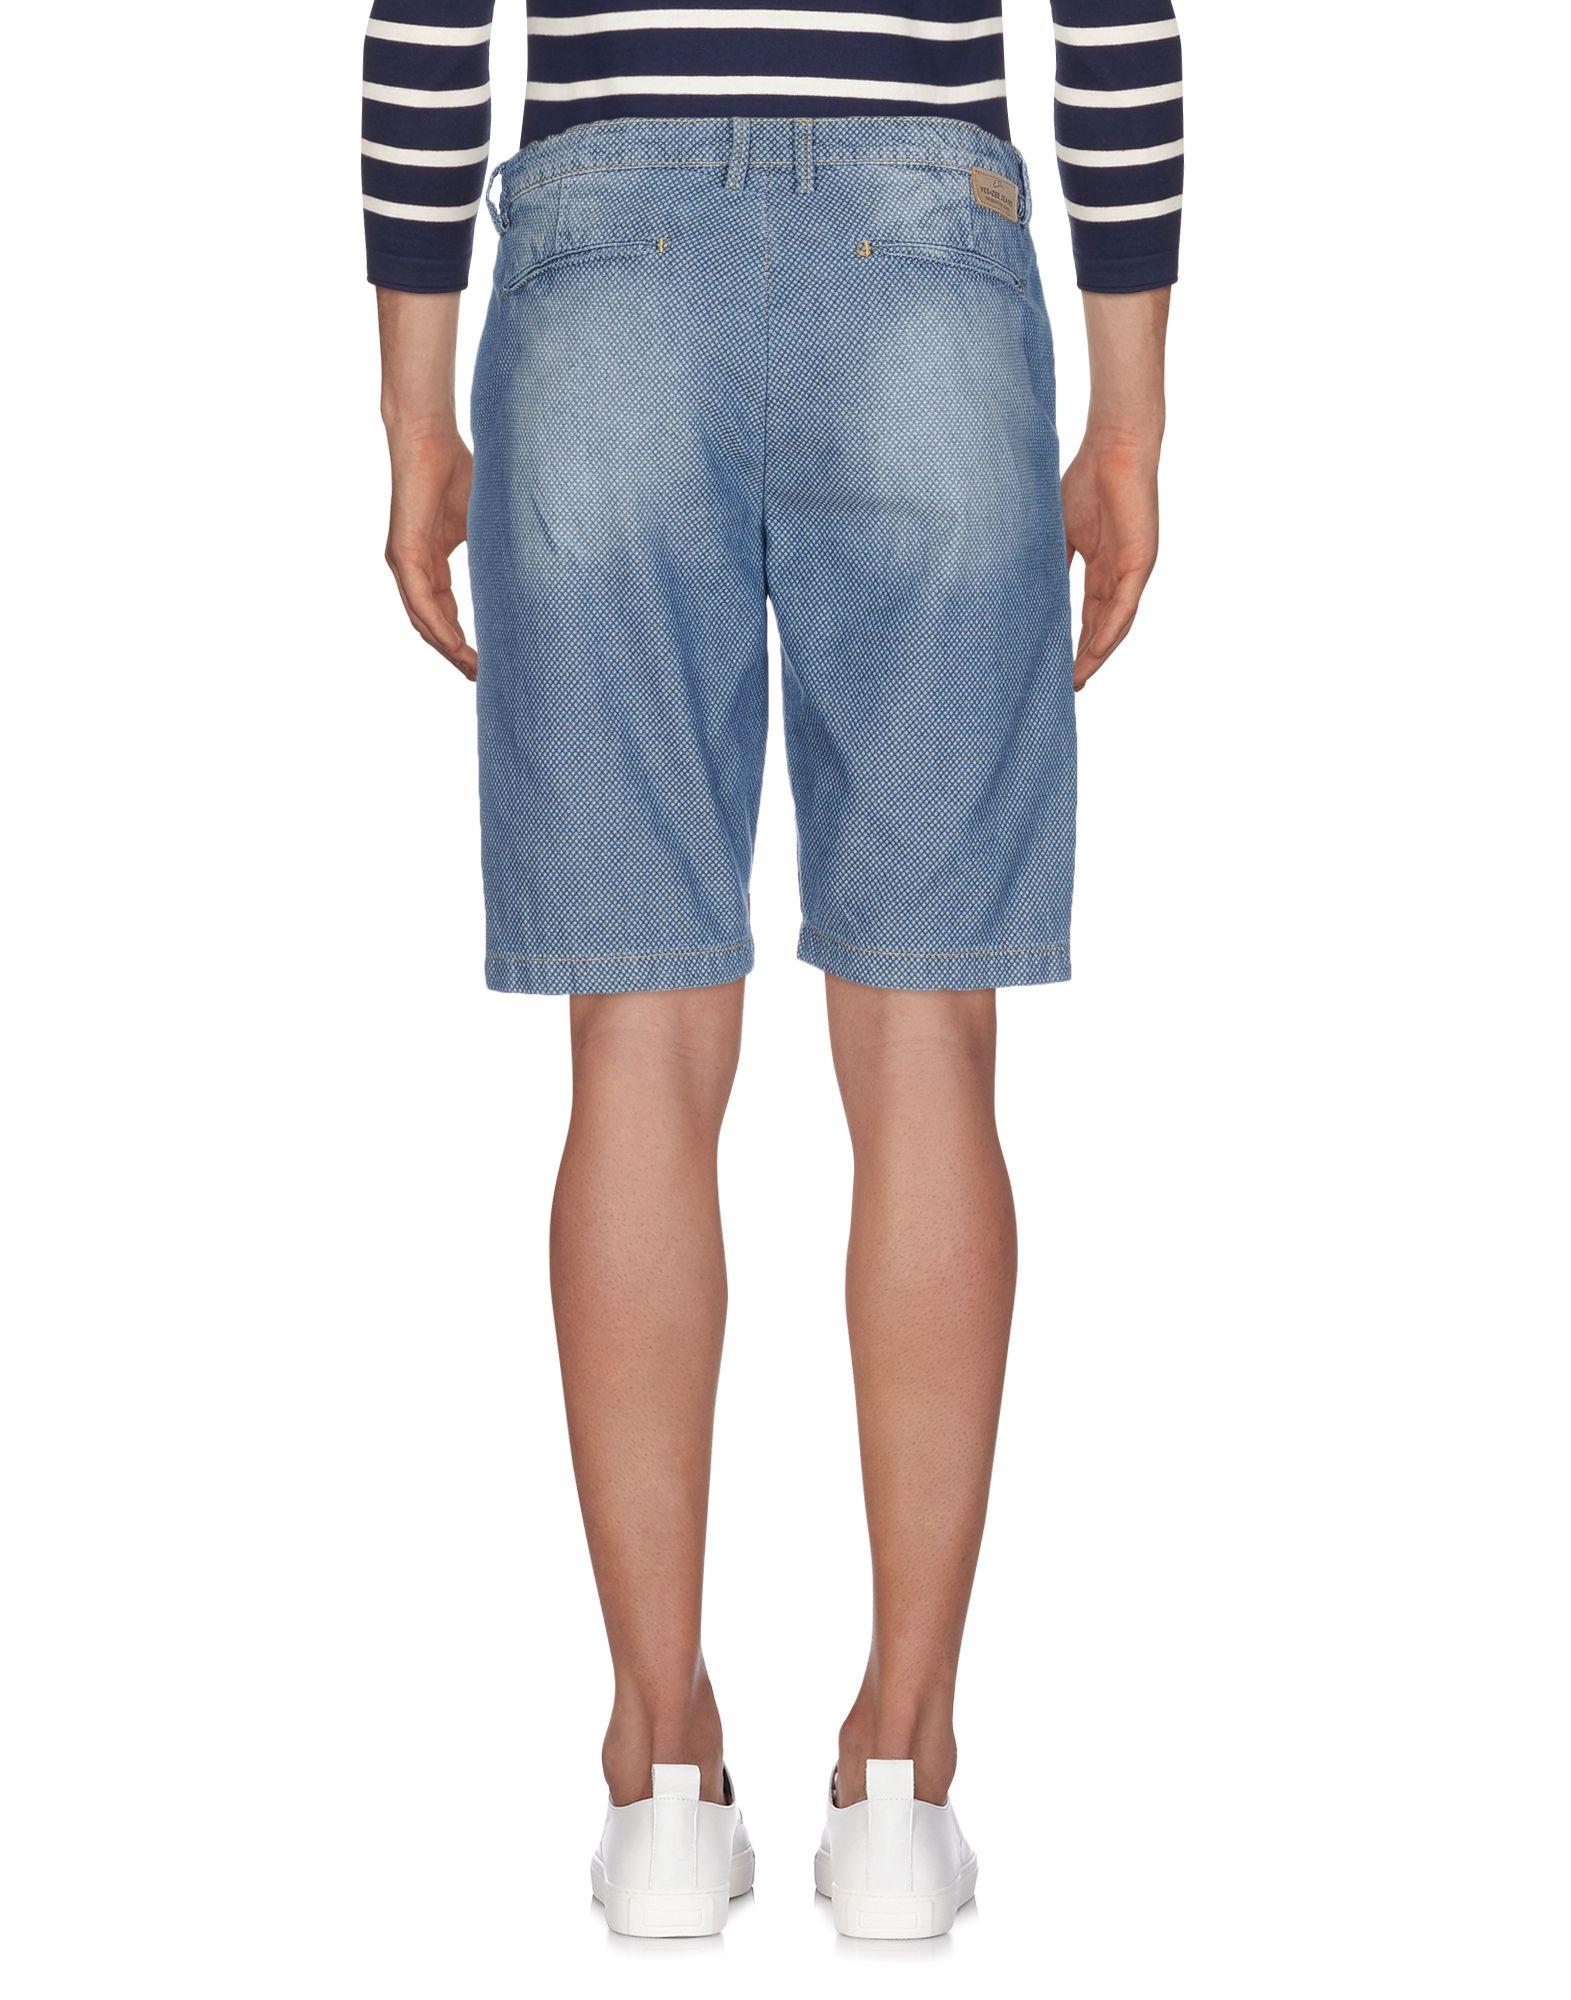 Shorts Jeans Yes Zee By Essenza Uomo - 13155227IK 13155227IK 13155227IK 4c512e